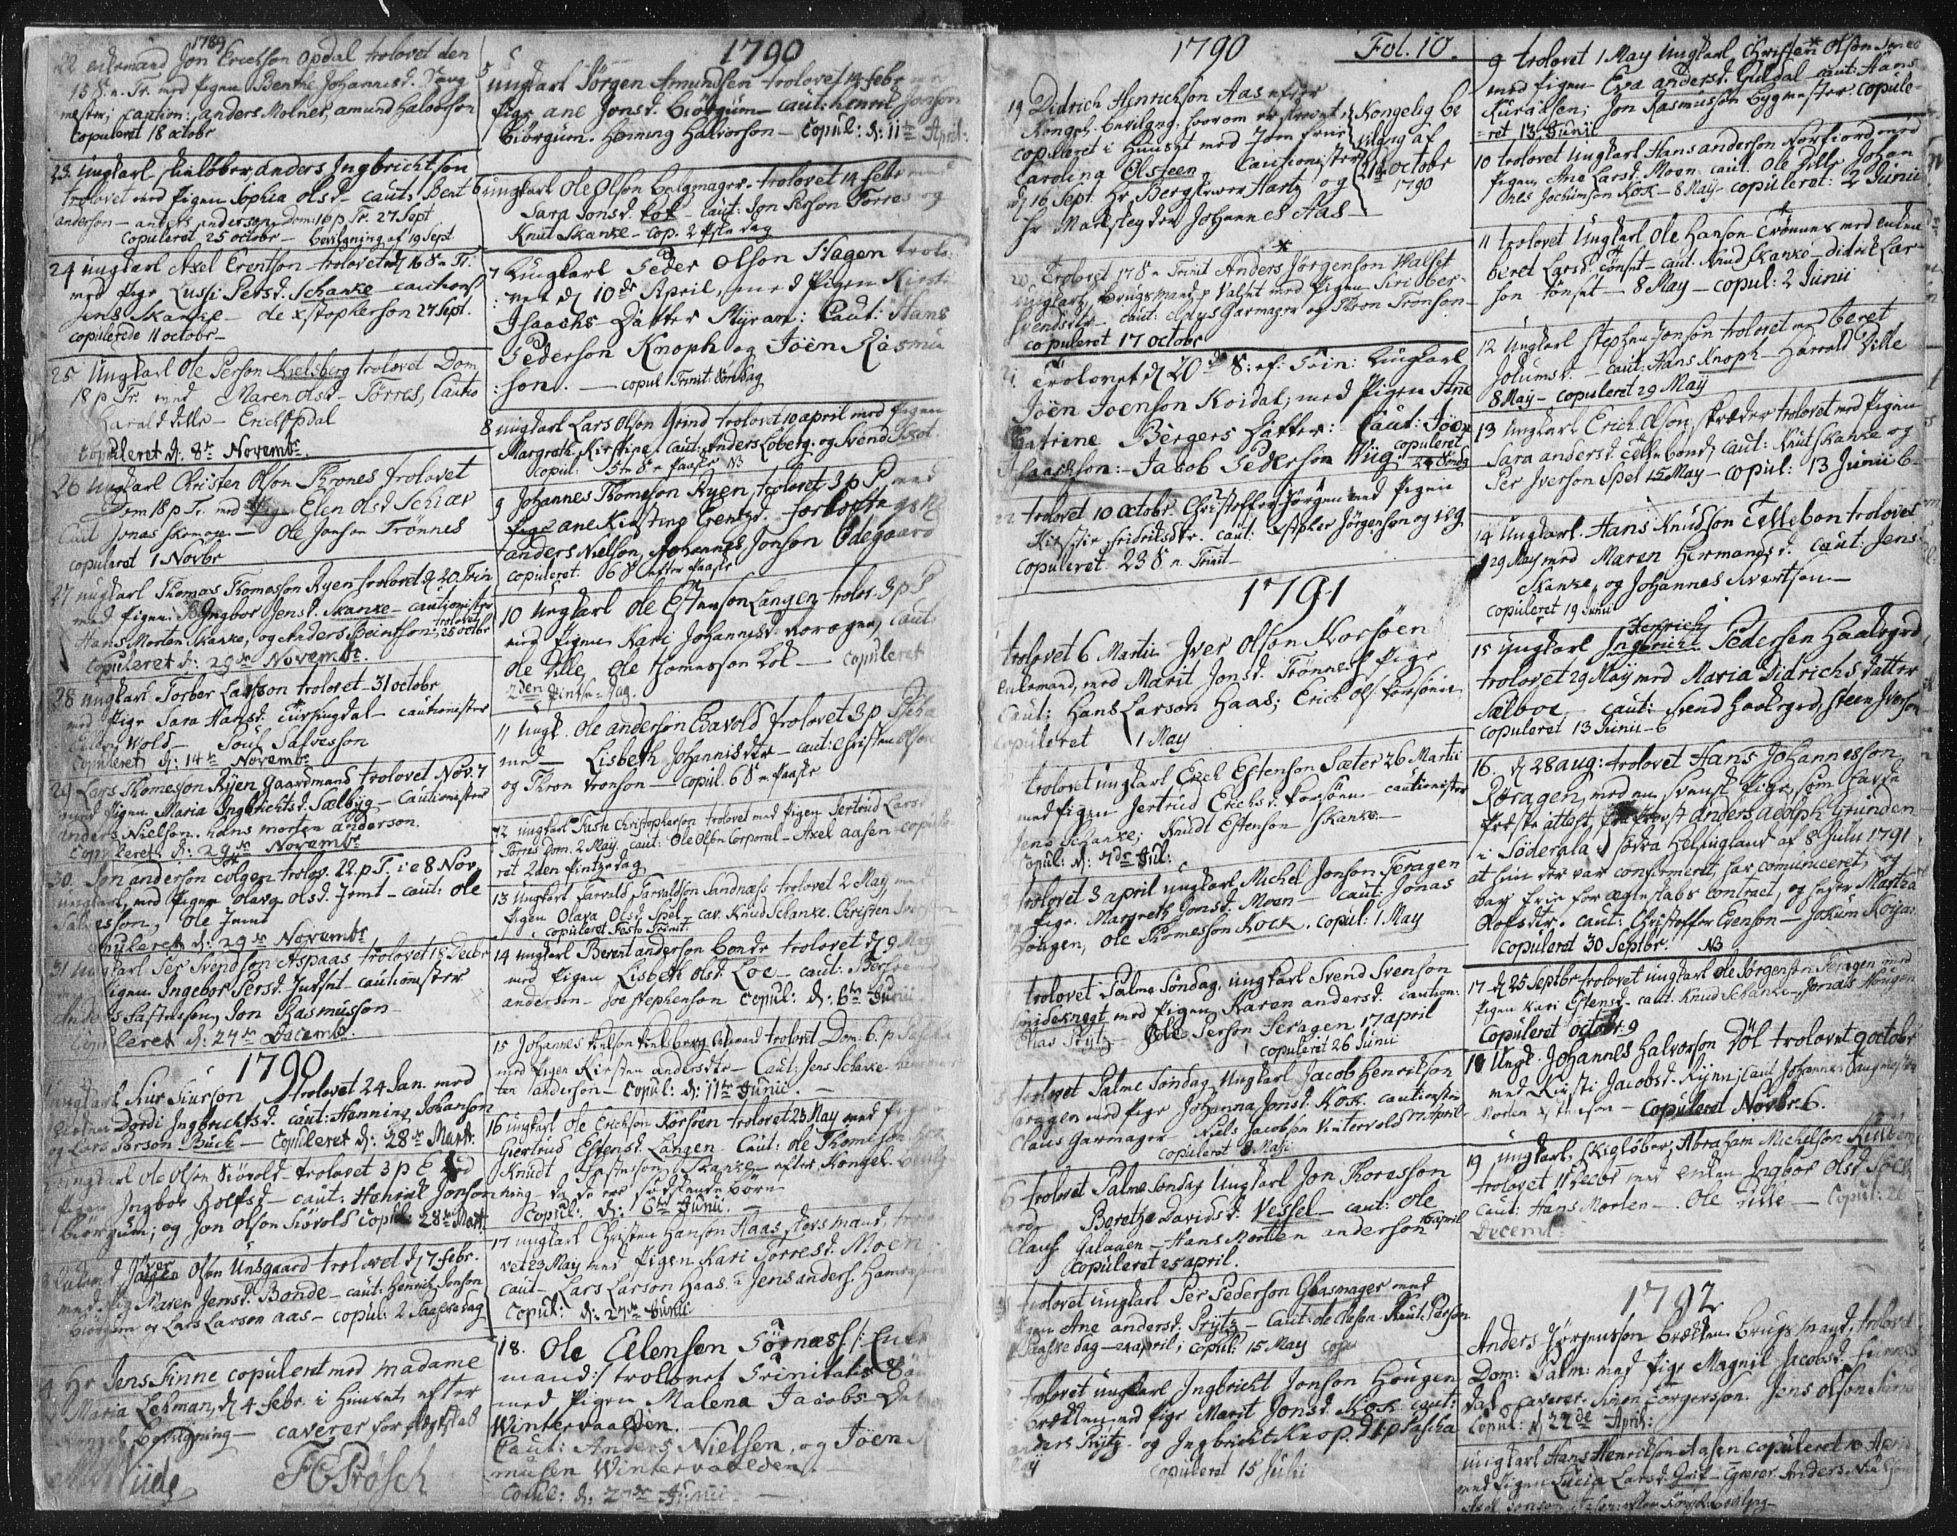 SAT, Ministerialprotokoller, klokkerbøker og fødselsregistre - Sør-Trøndelag, 681/L0926: Ministerialbok nr. 681A04, 1767-1797, s. 10